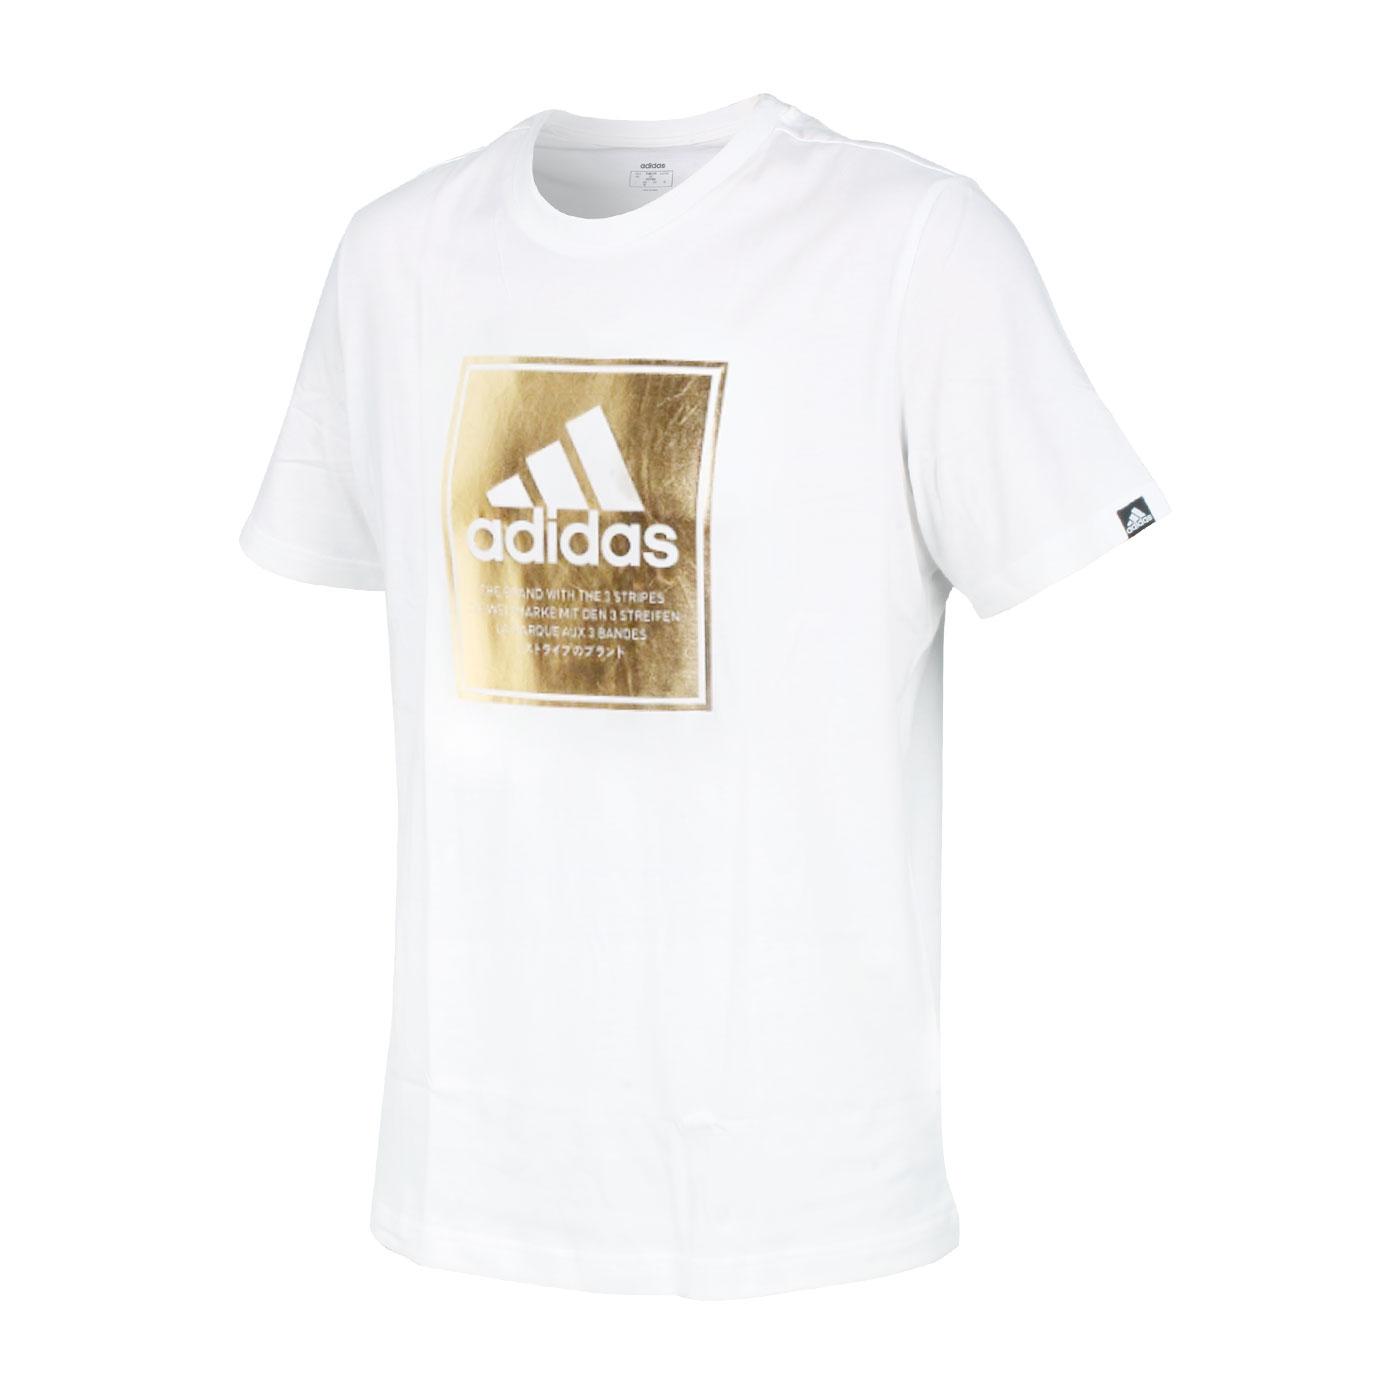 ADIDAS 男款短袖T恤 GD5930